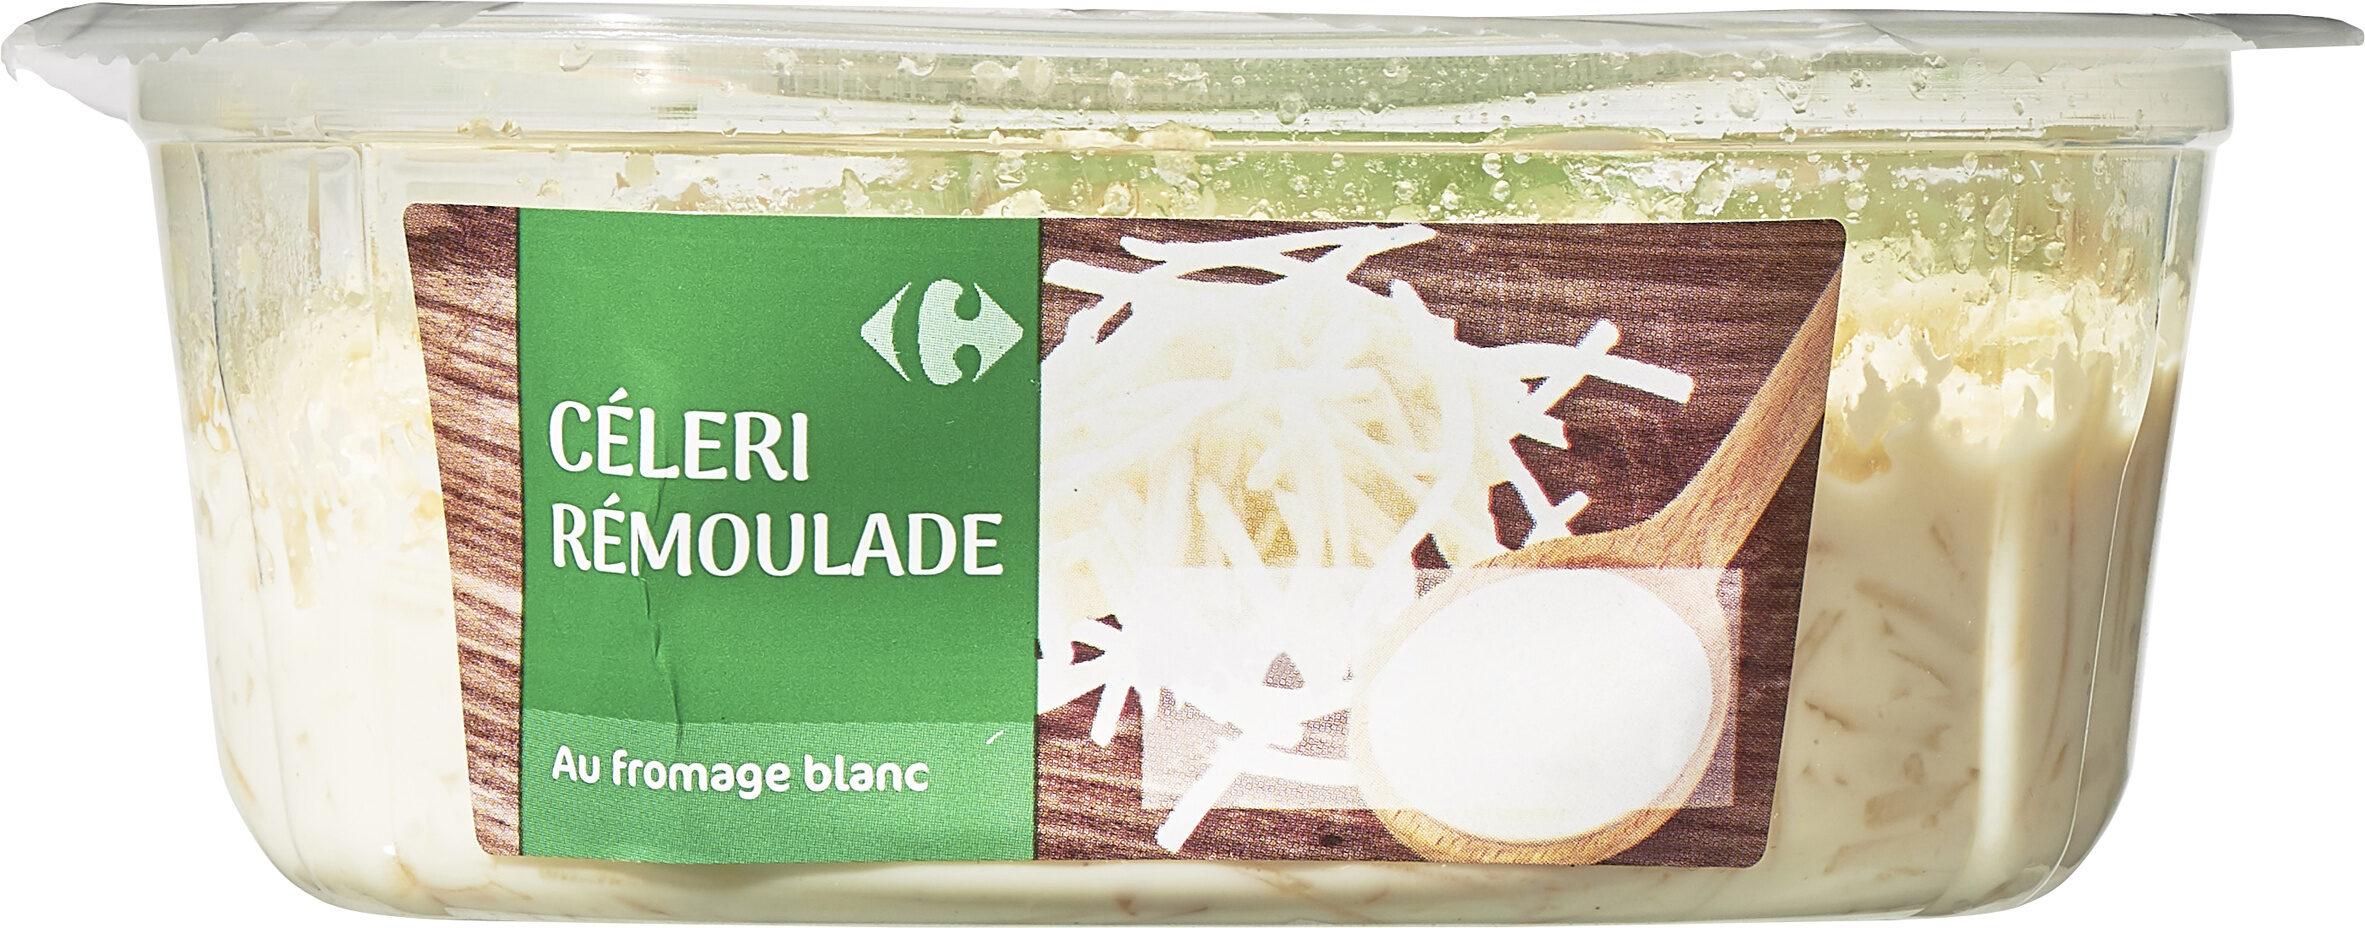 Céleri - Produit - fr